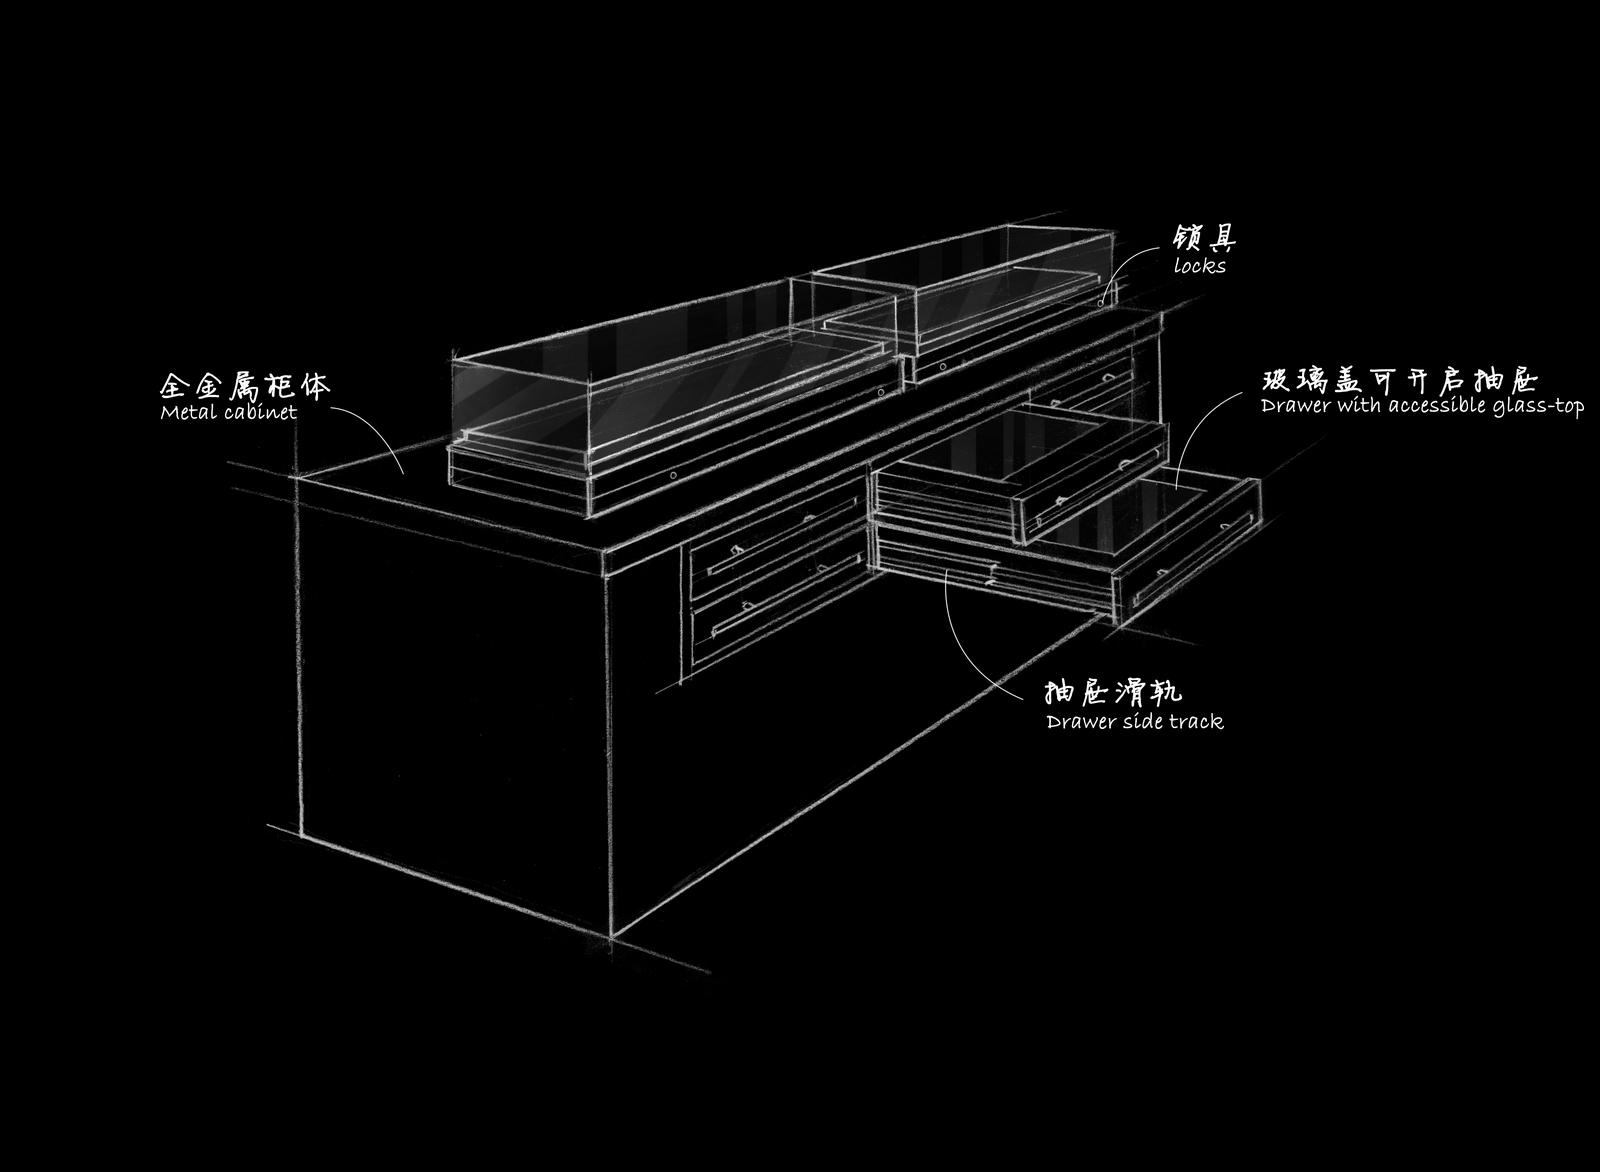 经典存储柜_调整大小.jpg